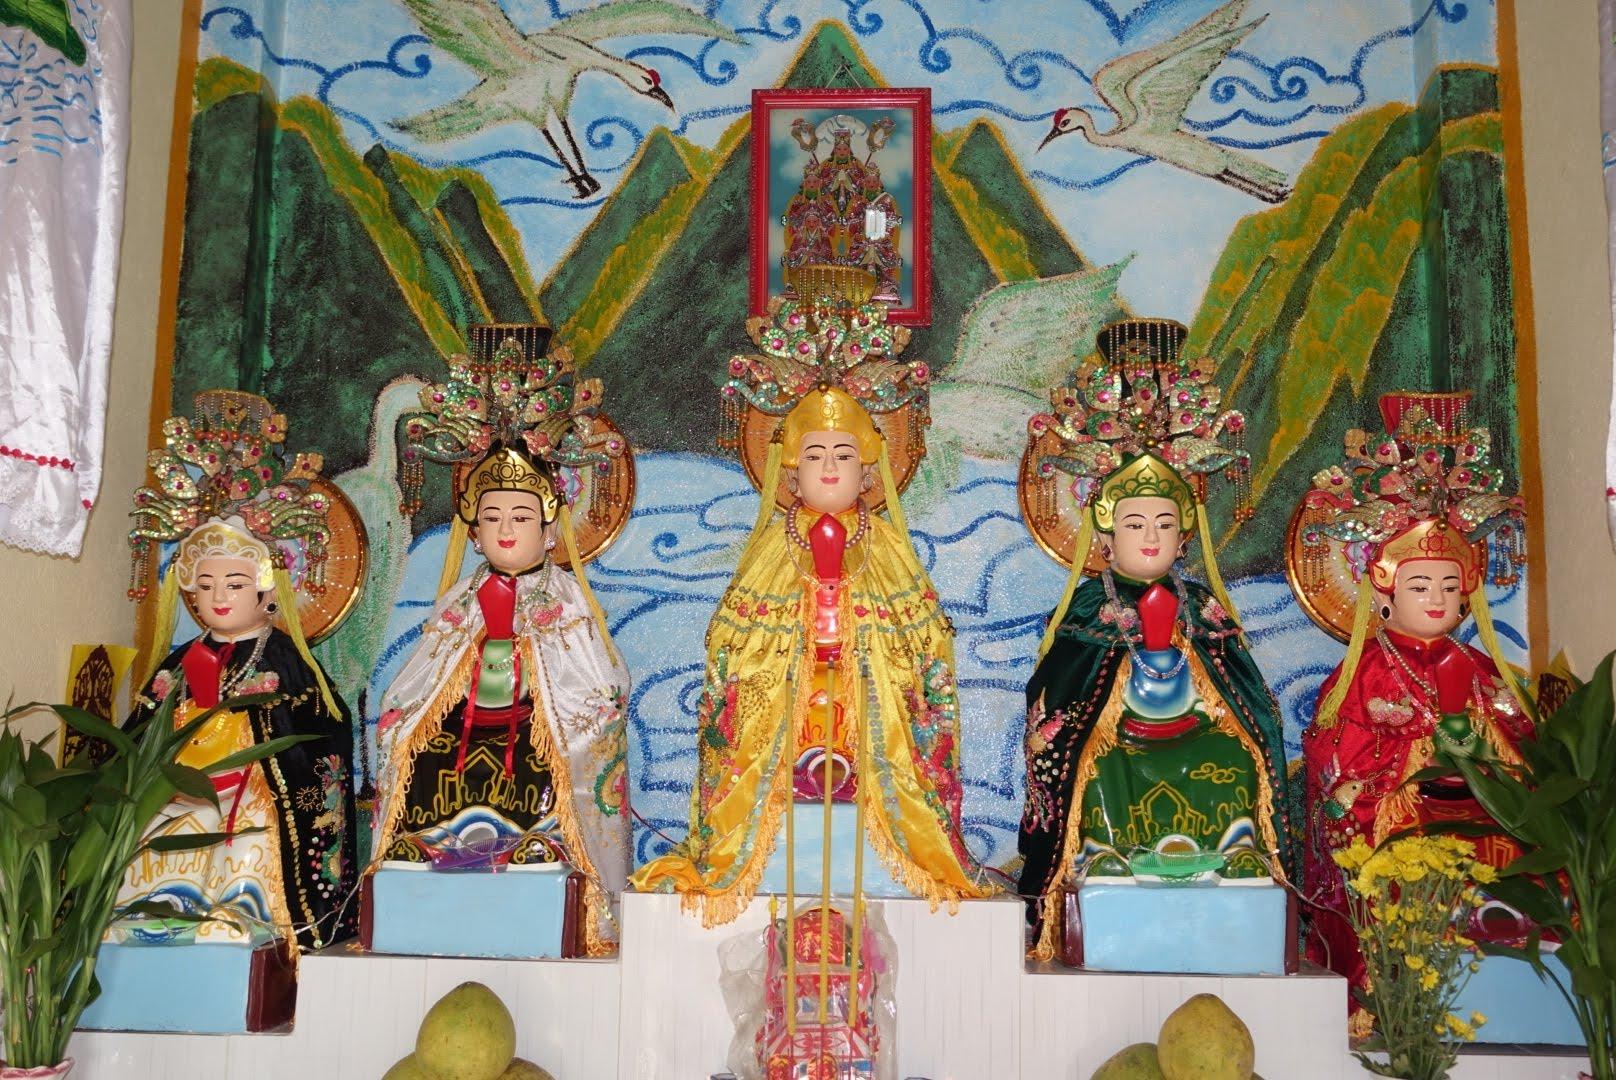 Năm mẹ ngũ hành - Phong thủy Trọng Hùng